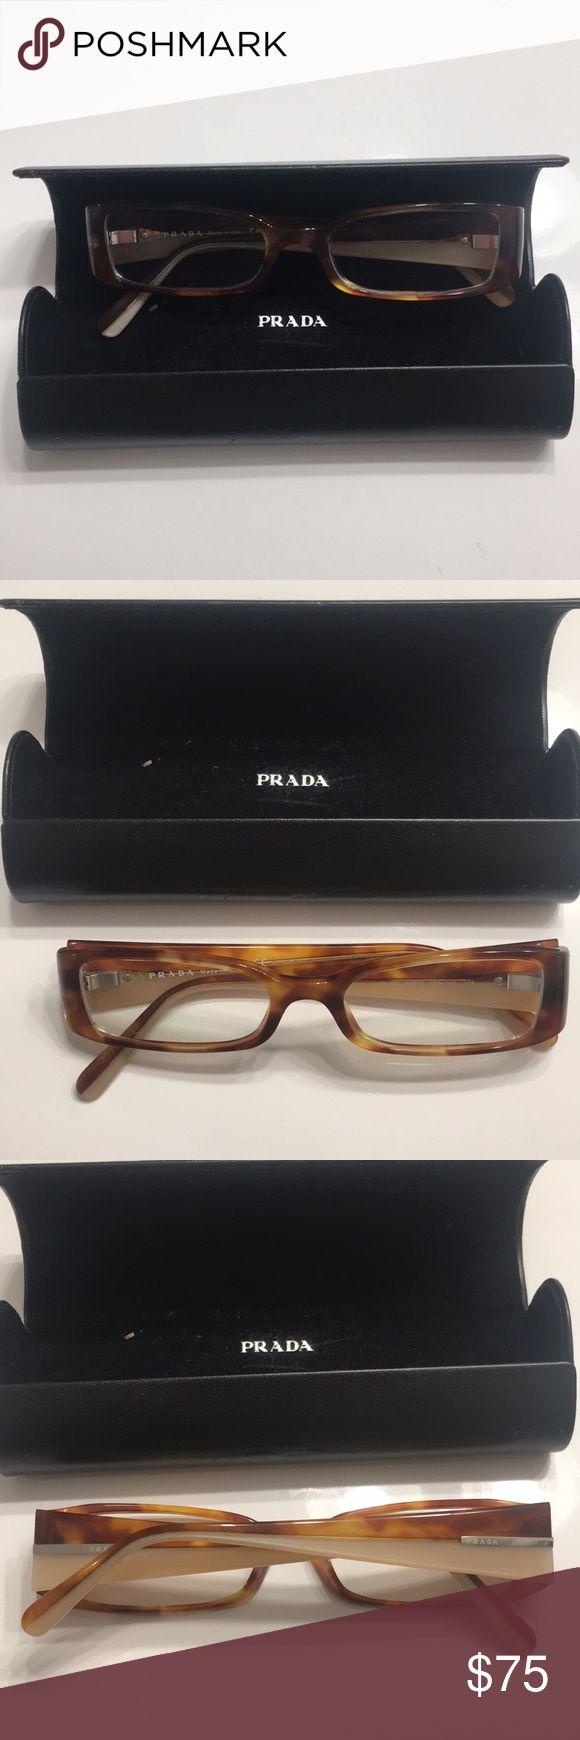 Prada prescription eyeglasses Tortoise Prada prescription eyeglasses. Worn, but in great condition! Comes with Prada case! Prada Accessories Glasses